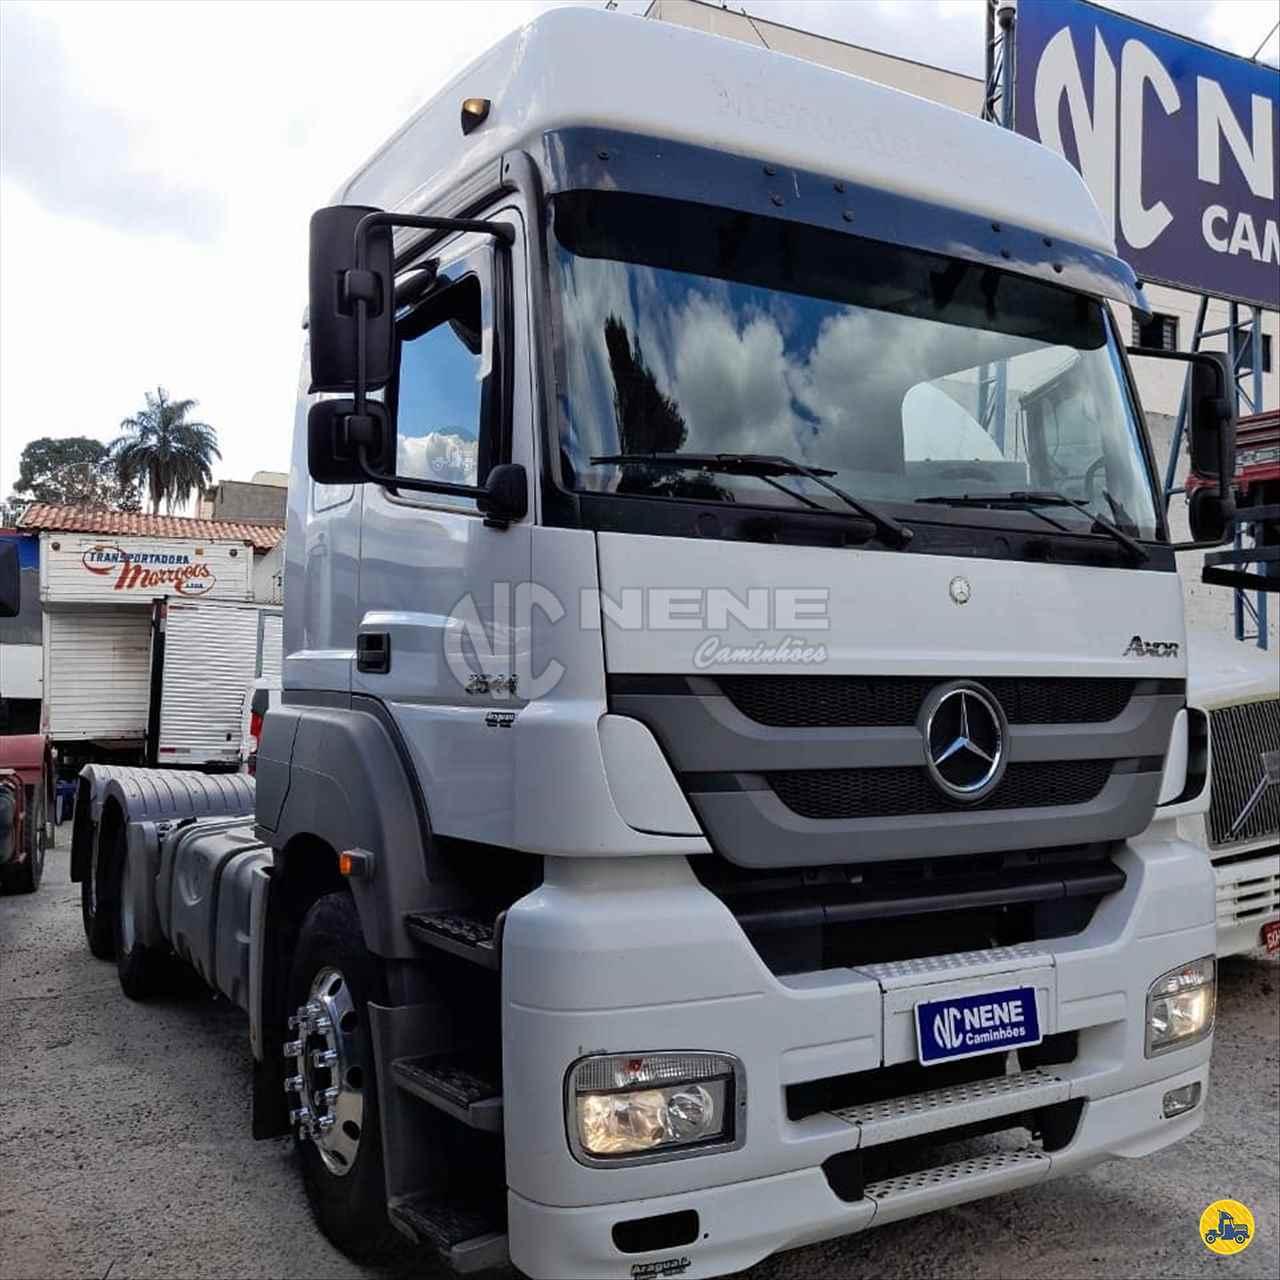 CAMINHAO MERCEDES-BENZ MB 2544 Cavalo Mecânico Truck 6x2 Nene Caminhões SAO JOAO DA BOA VISTA SÃO PAULO SP